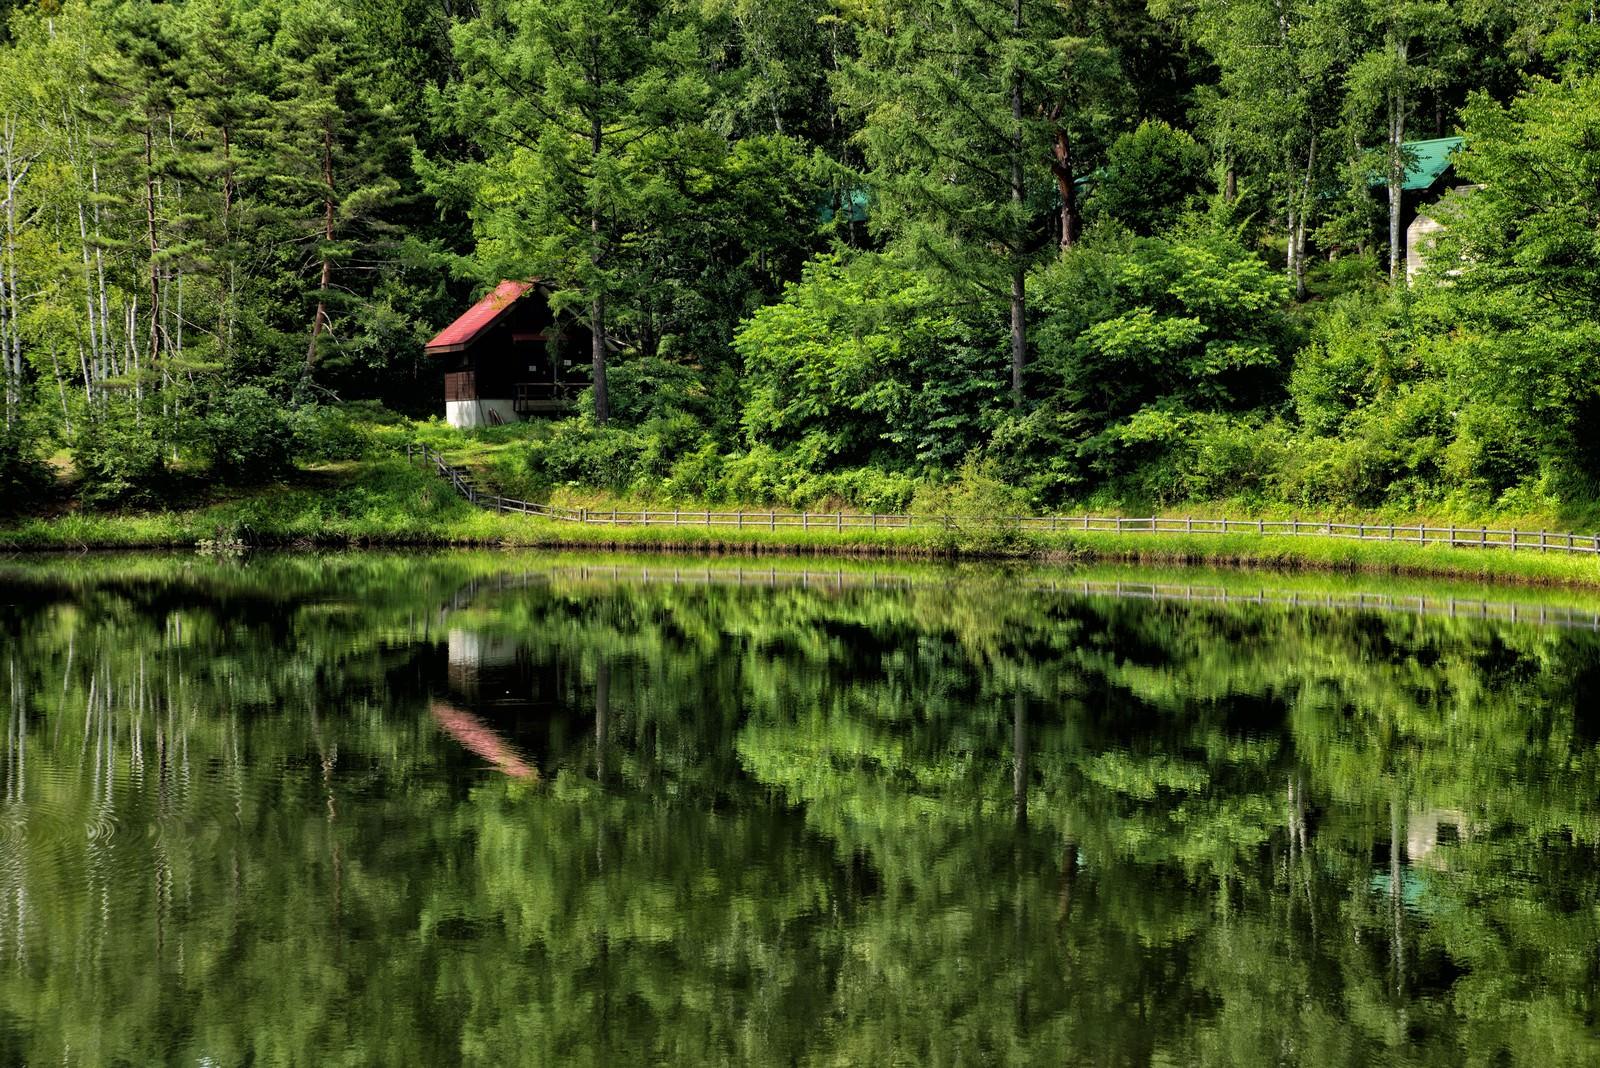 「タカソメキャンプ場のロッジが水面に写る風景」の写真